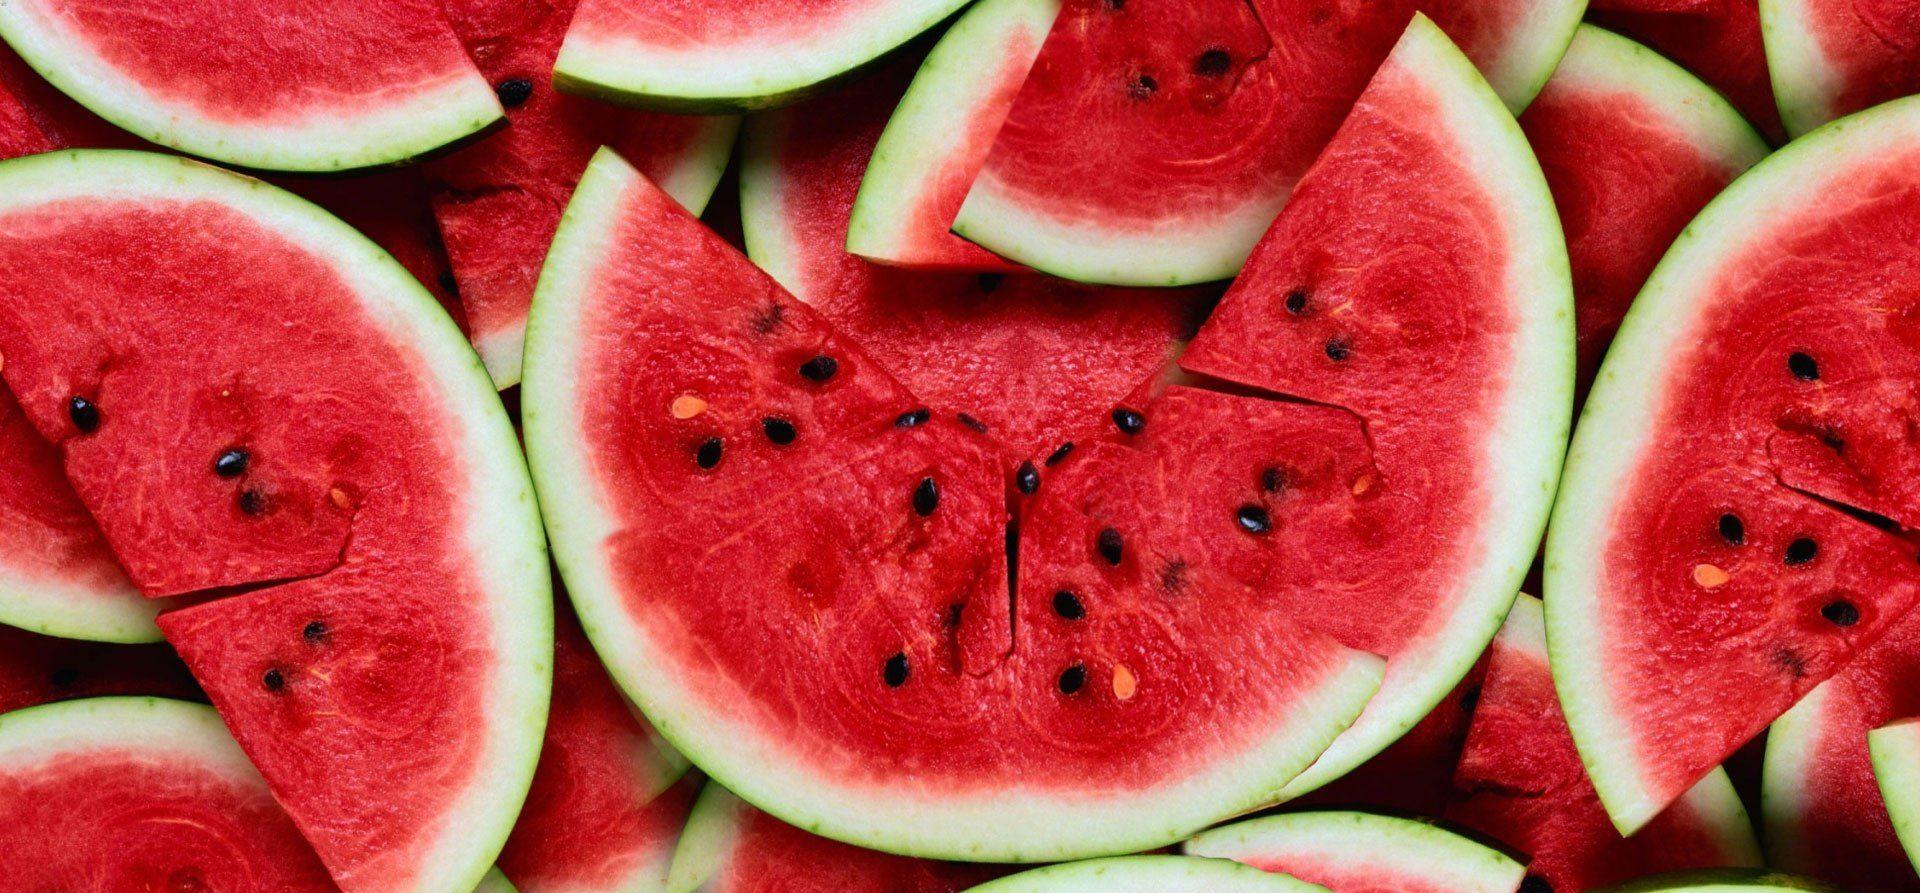 Употребление арбузов помогает снизить плохой холестерин